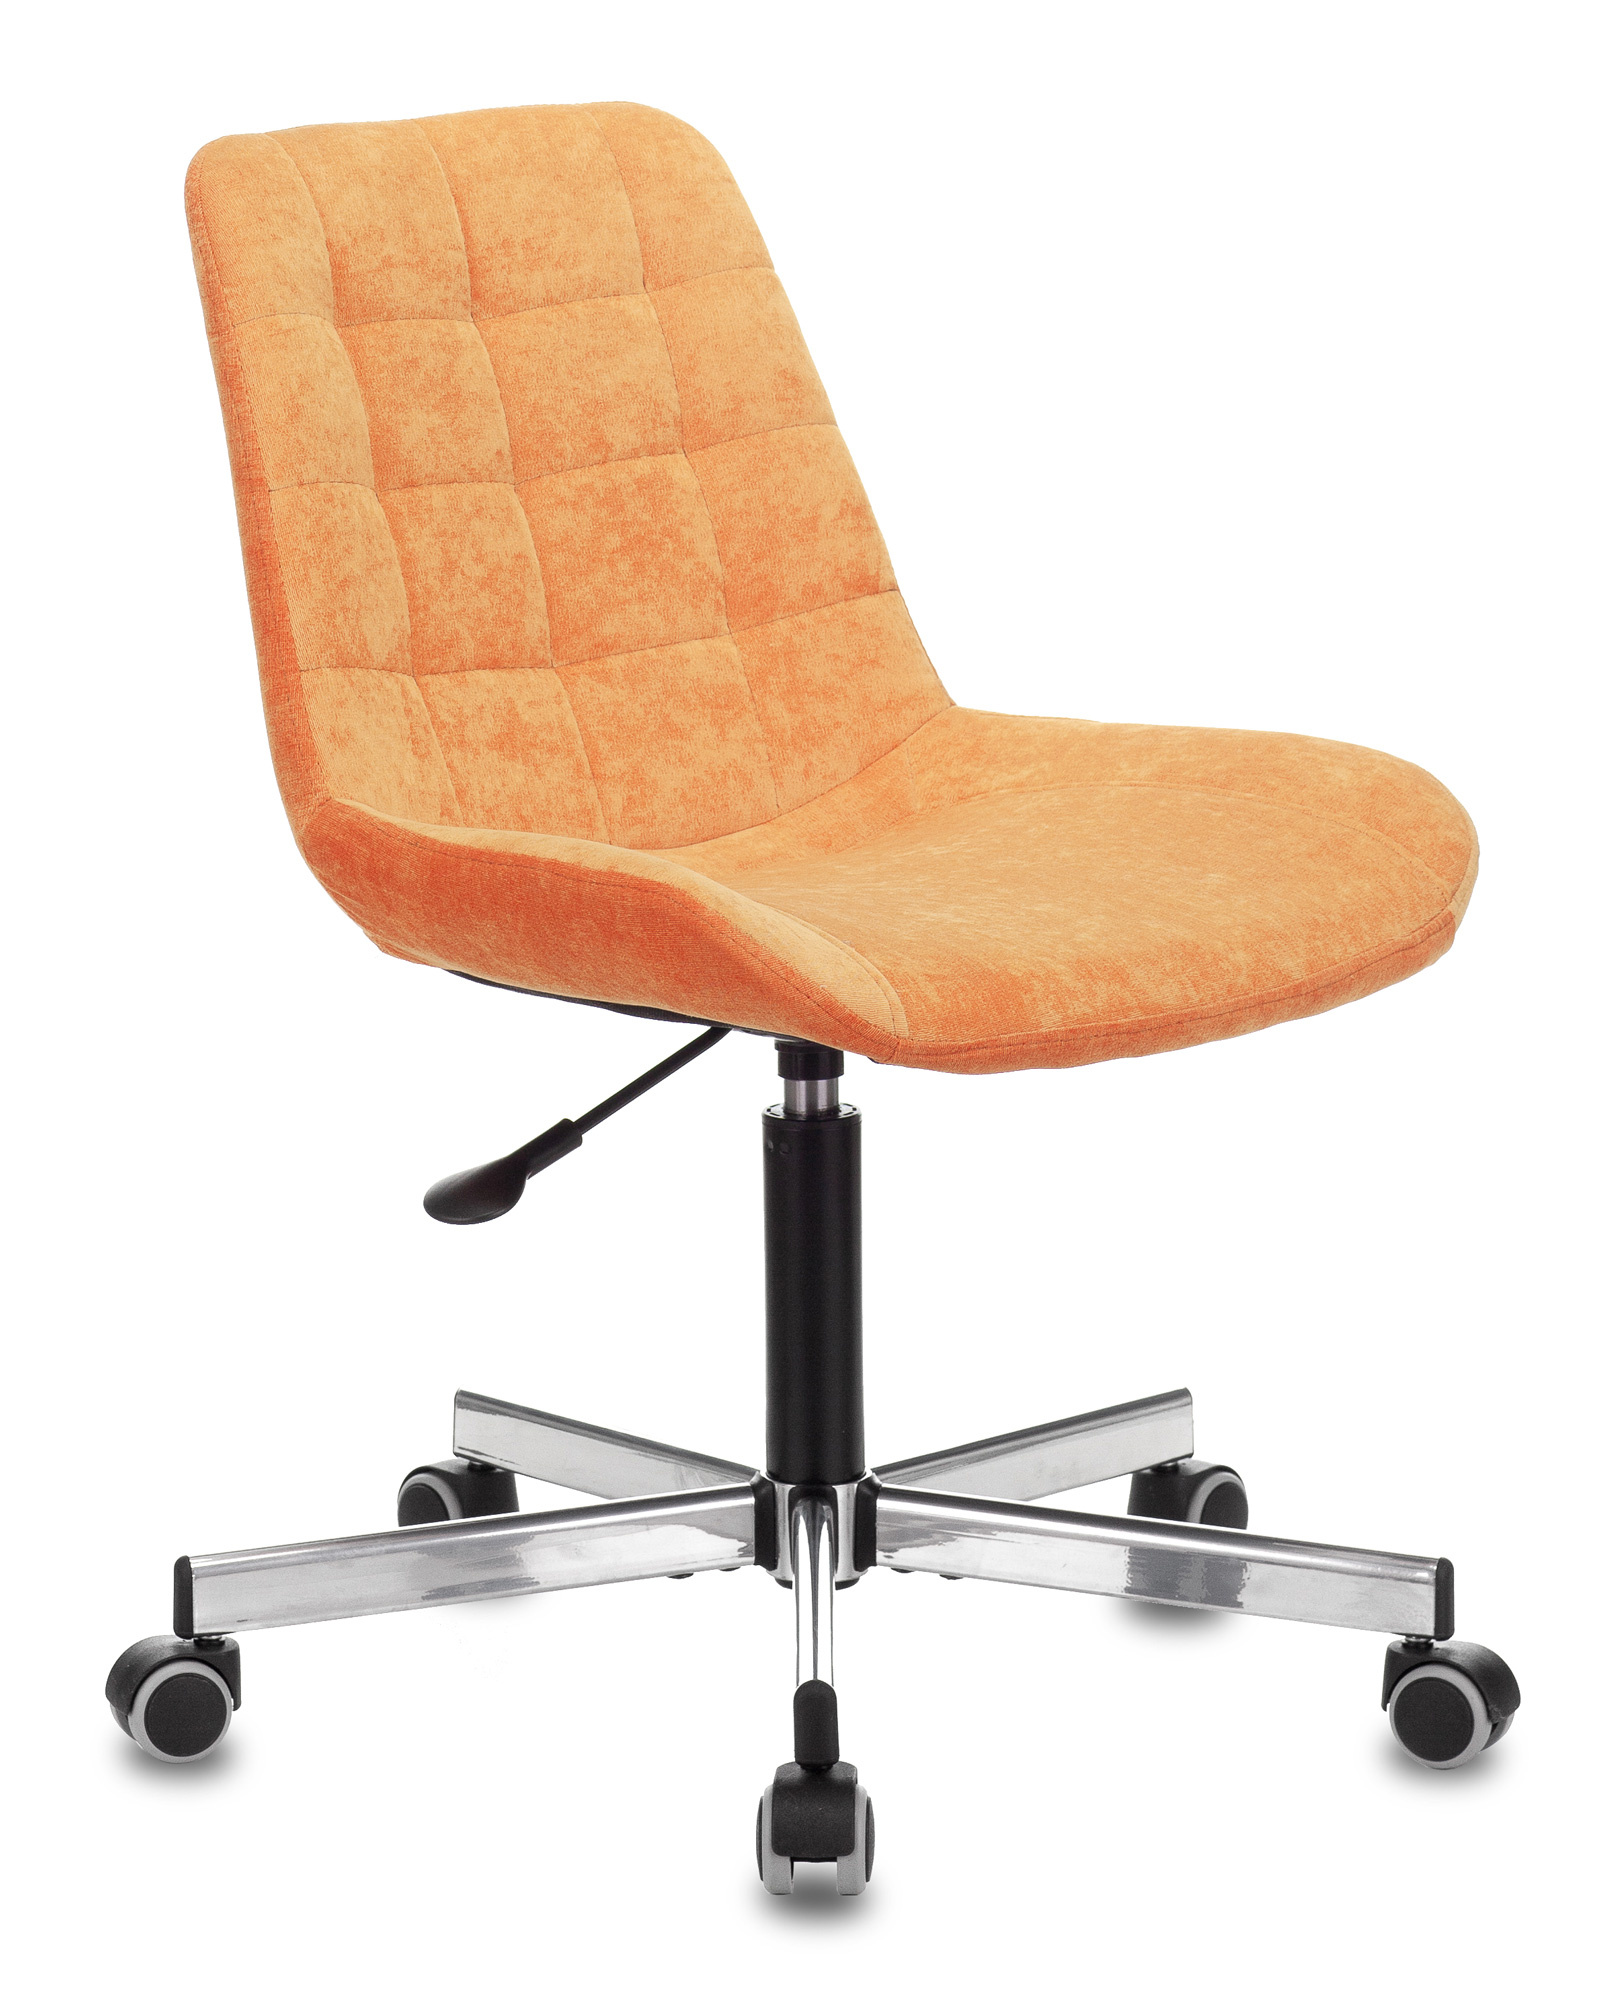 Кресло Бюрократ CH-350M/VELV72 без подлокотников оранжевый Velvet 72 крестовина металл